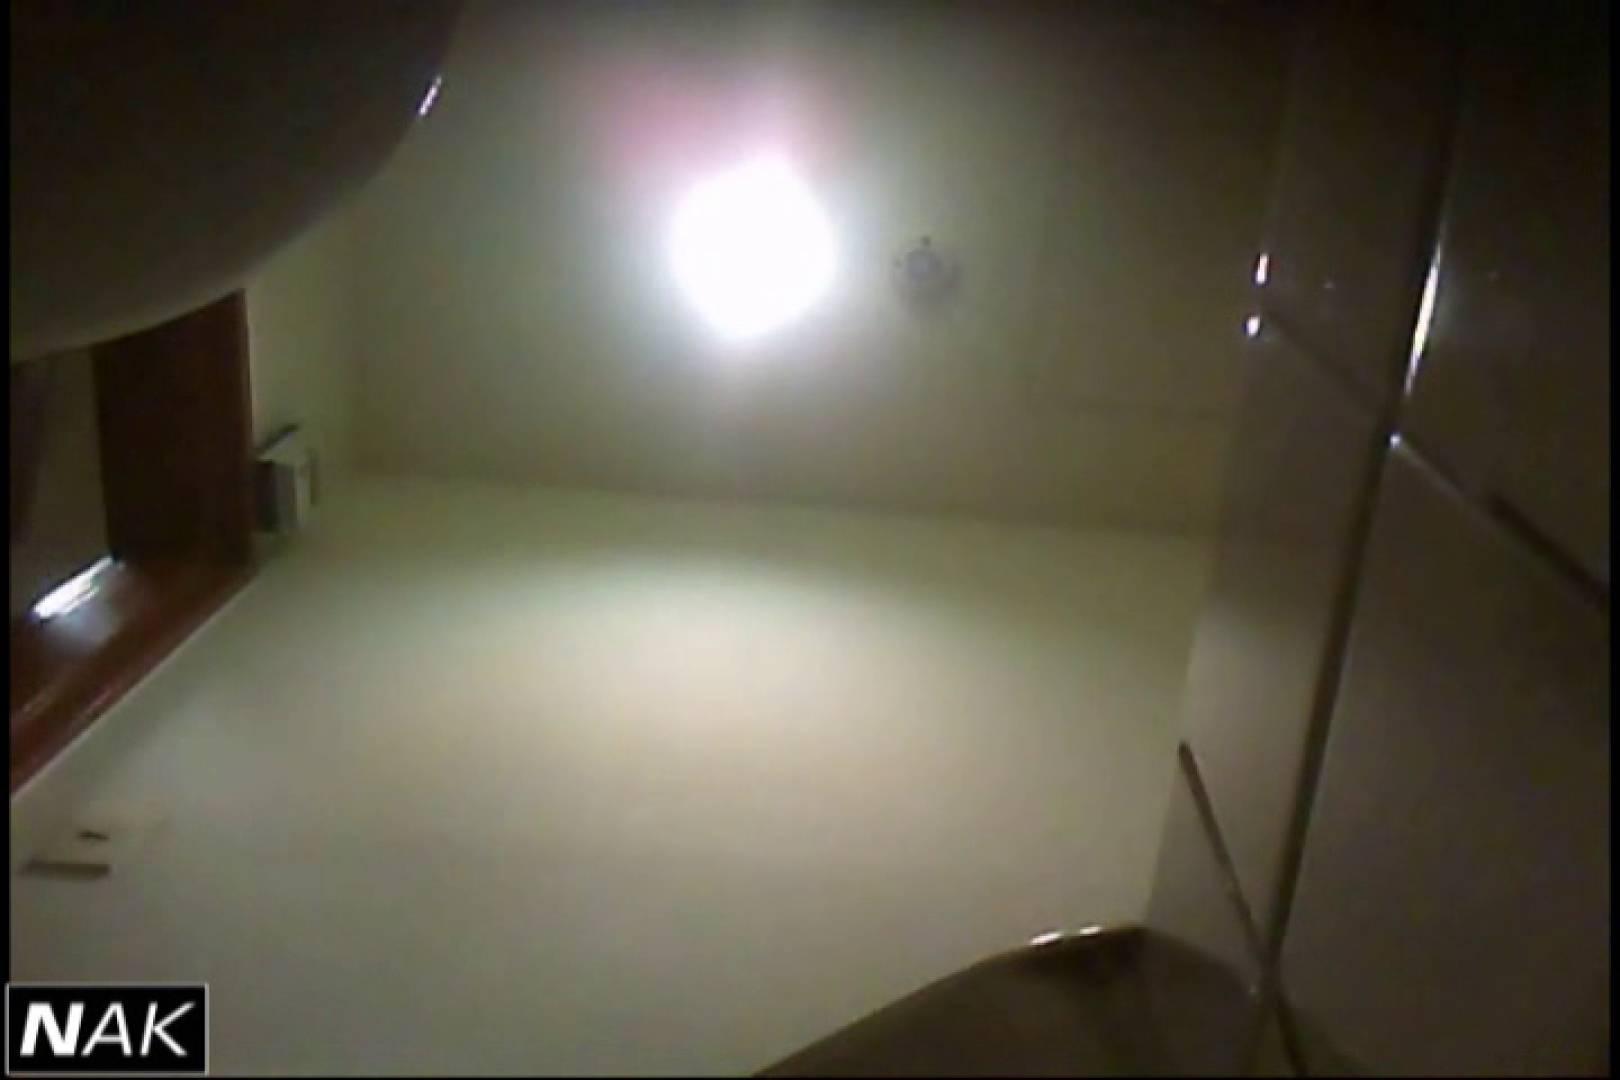 亀さんかわや VIP和式2カメバージョン! vol.09 黄金水 | オマンコ丸出し  105画像 47